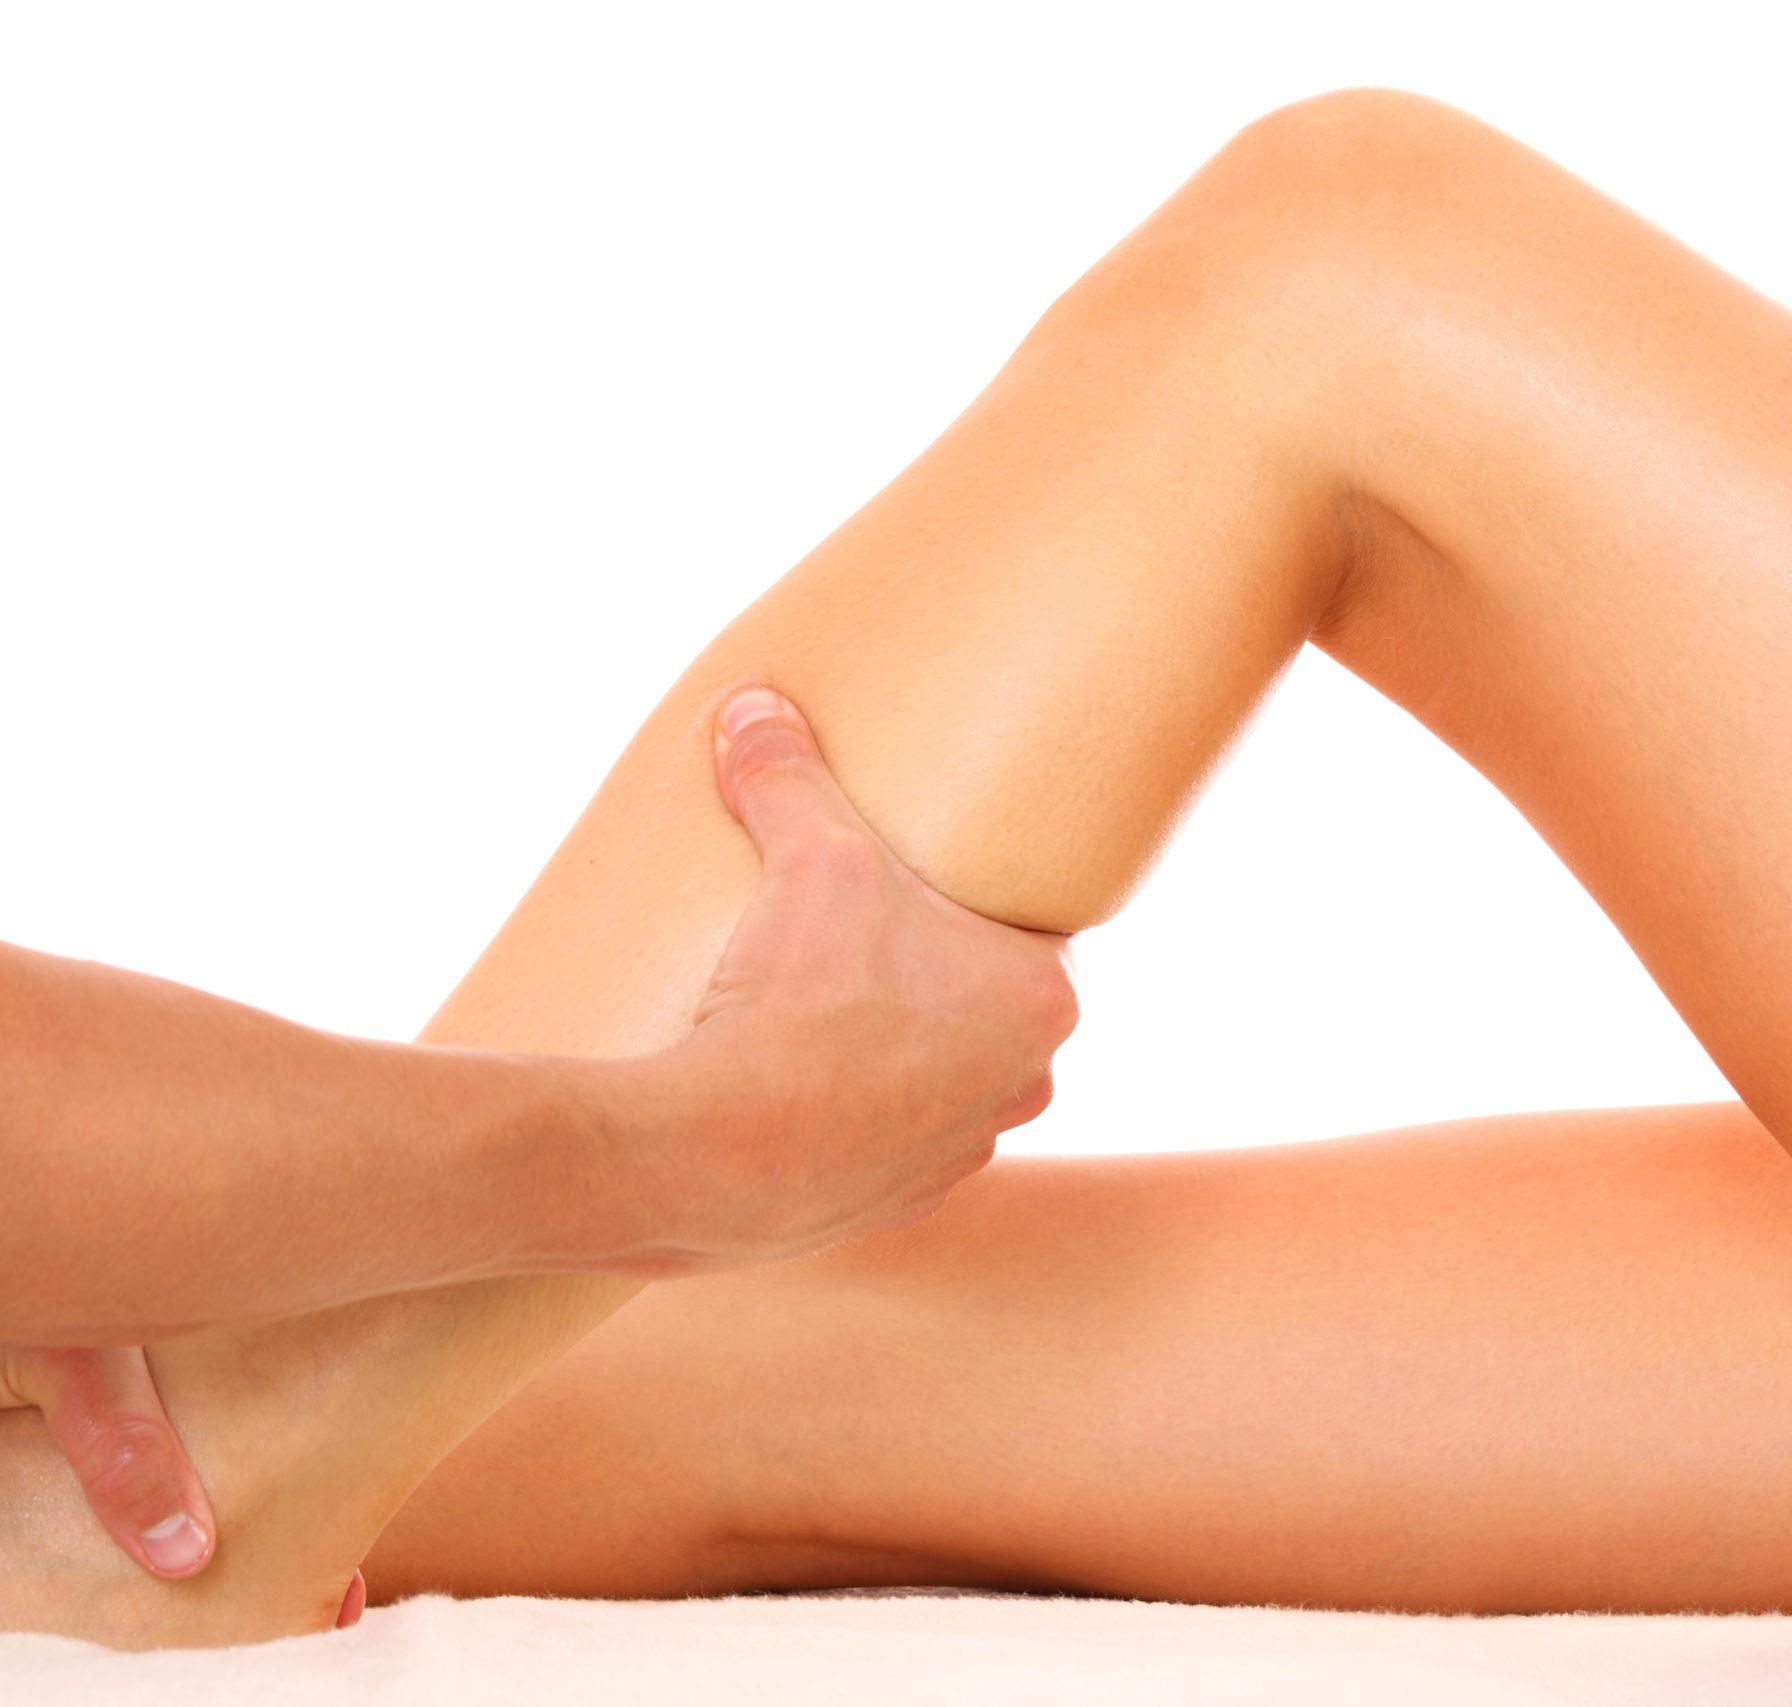 cum să tratezi rapid articulația umărului din articulațiile de iarbă pentru artrită